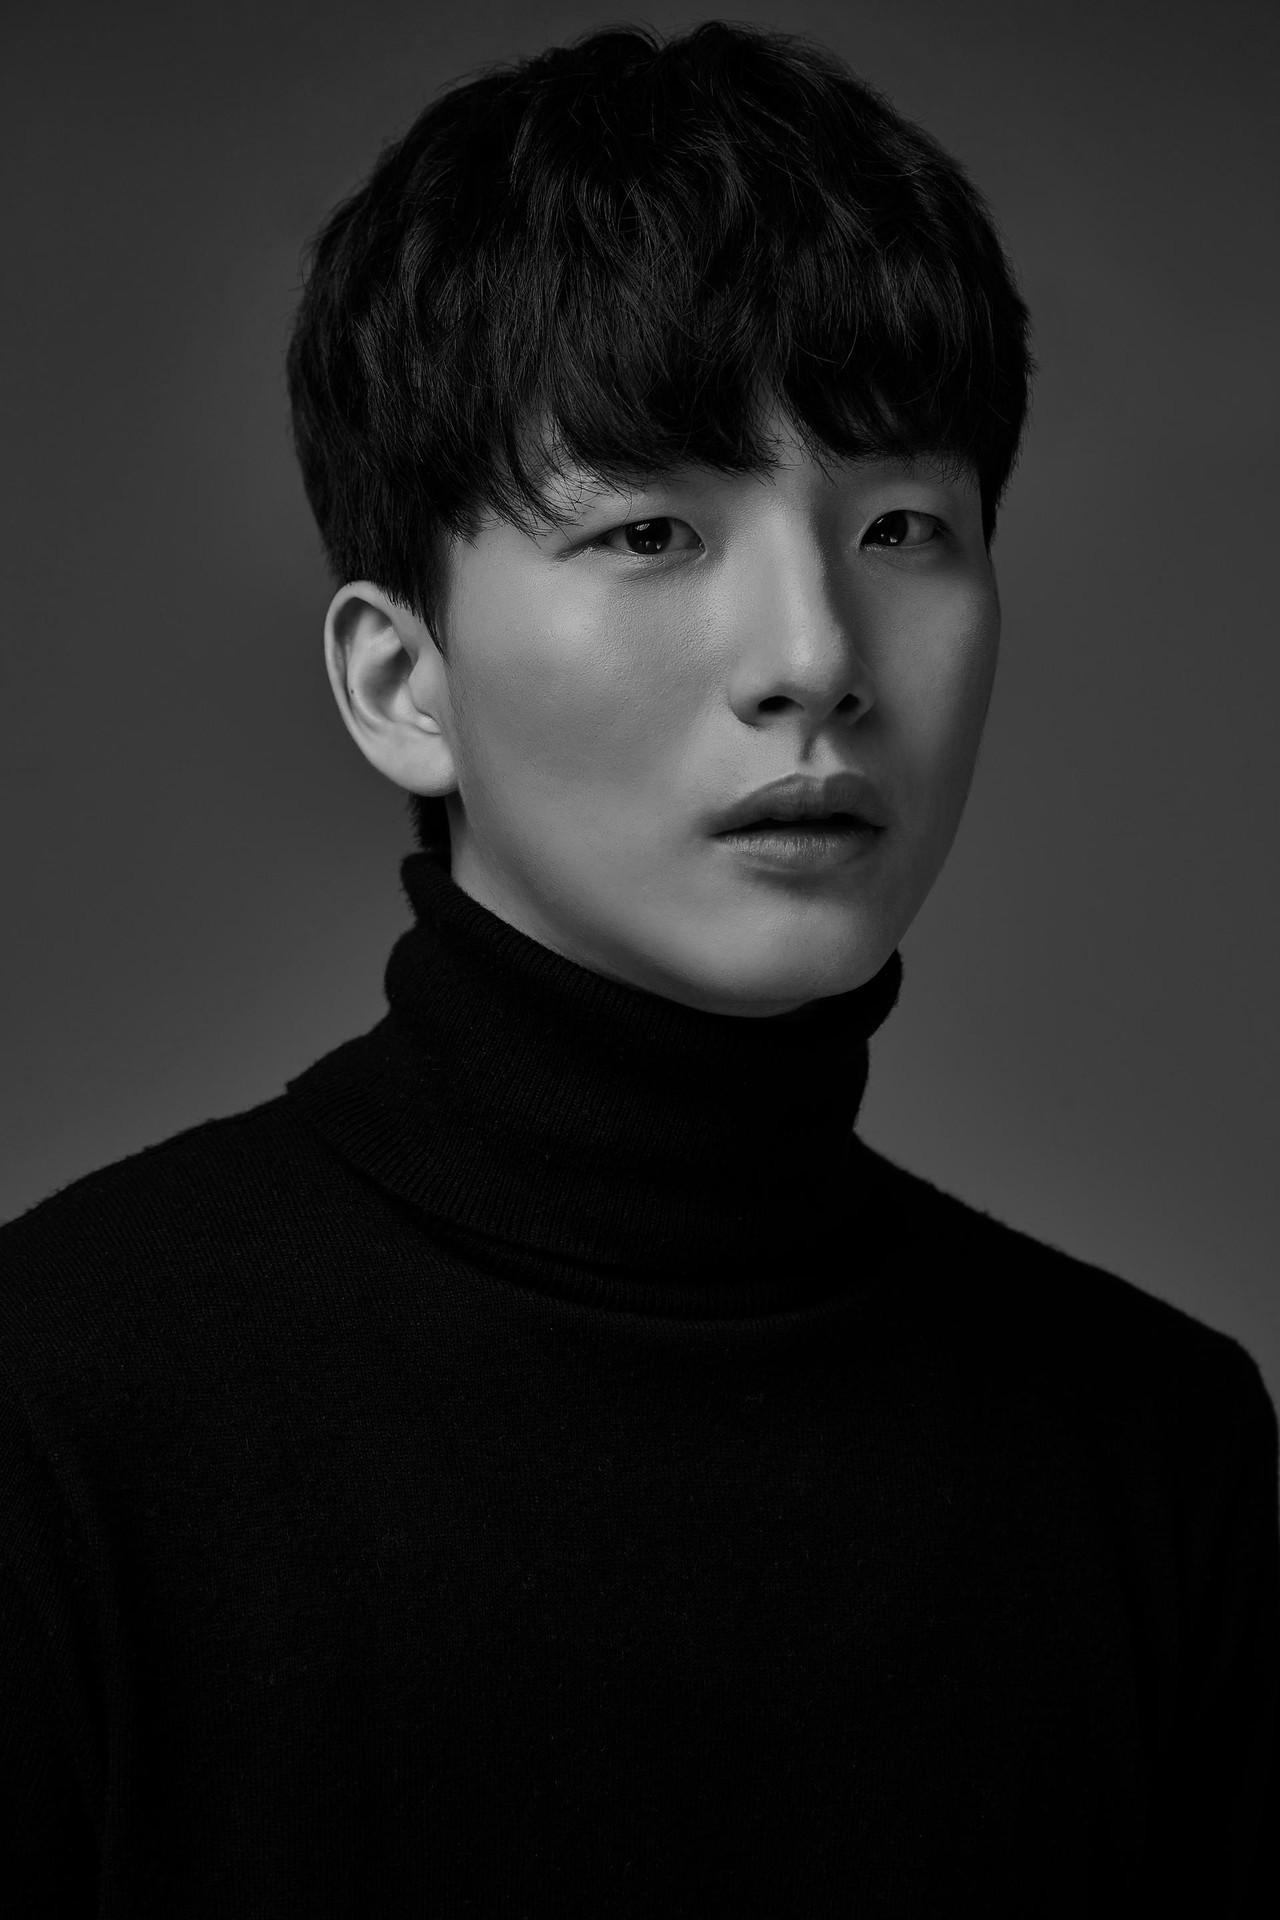 윤태영 TaeYoung Yoon<br>1996<br>180 31 275